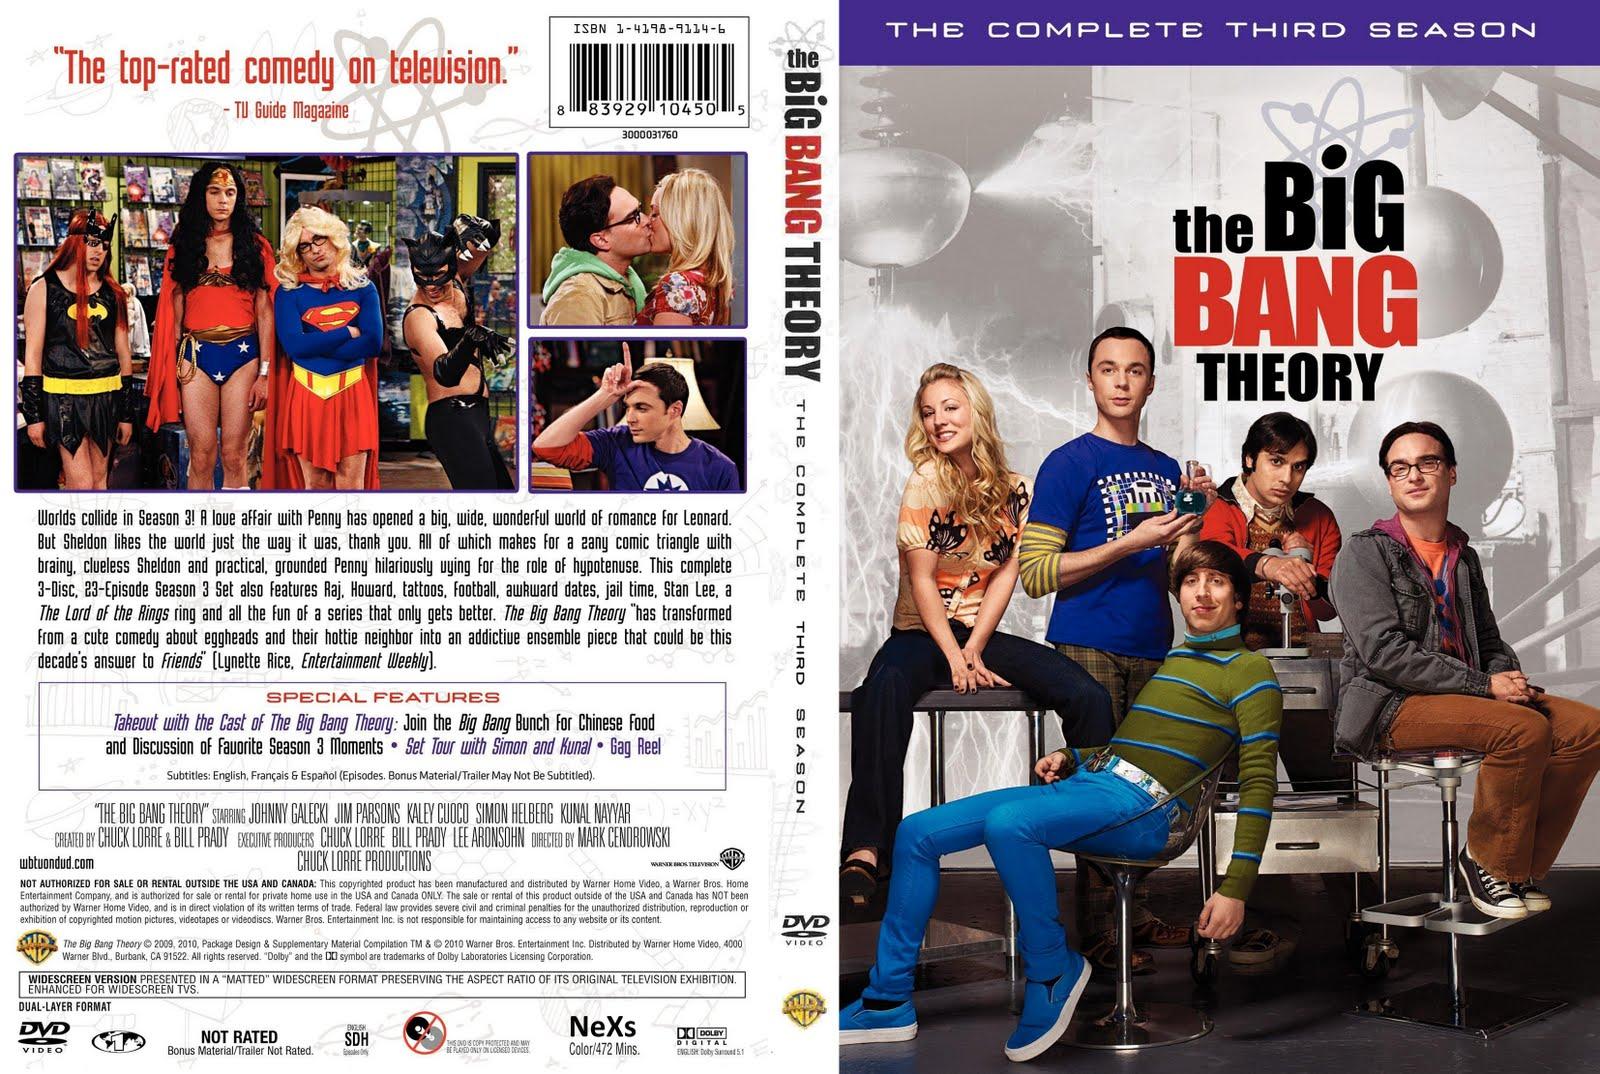 http://4.bp.blogspot.com/_H1YWg1QE1r0/THsyxePNdOI/AAAAAAAAARA/8tftI5mpKhY/s1600/The+Big+Bang+Theory+-+Temporada+3.jpg